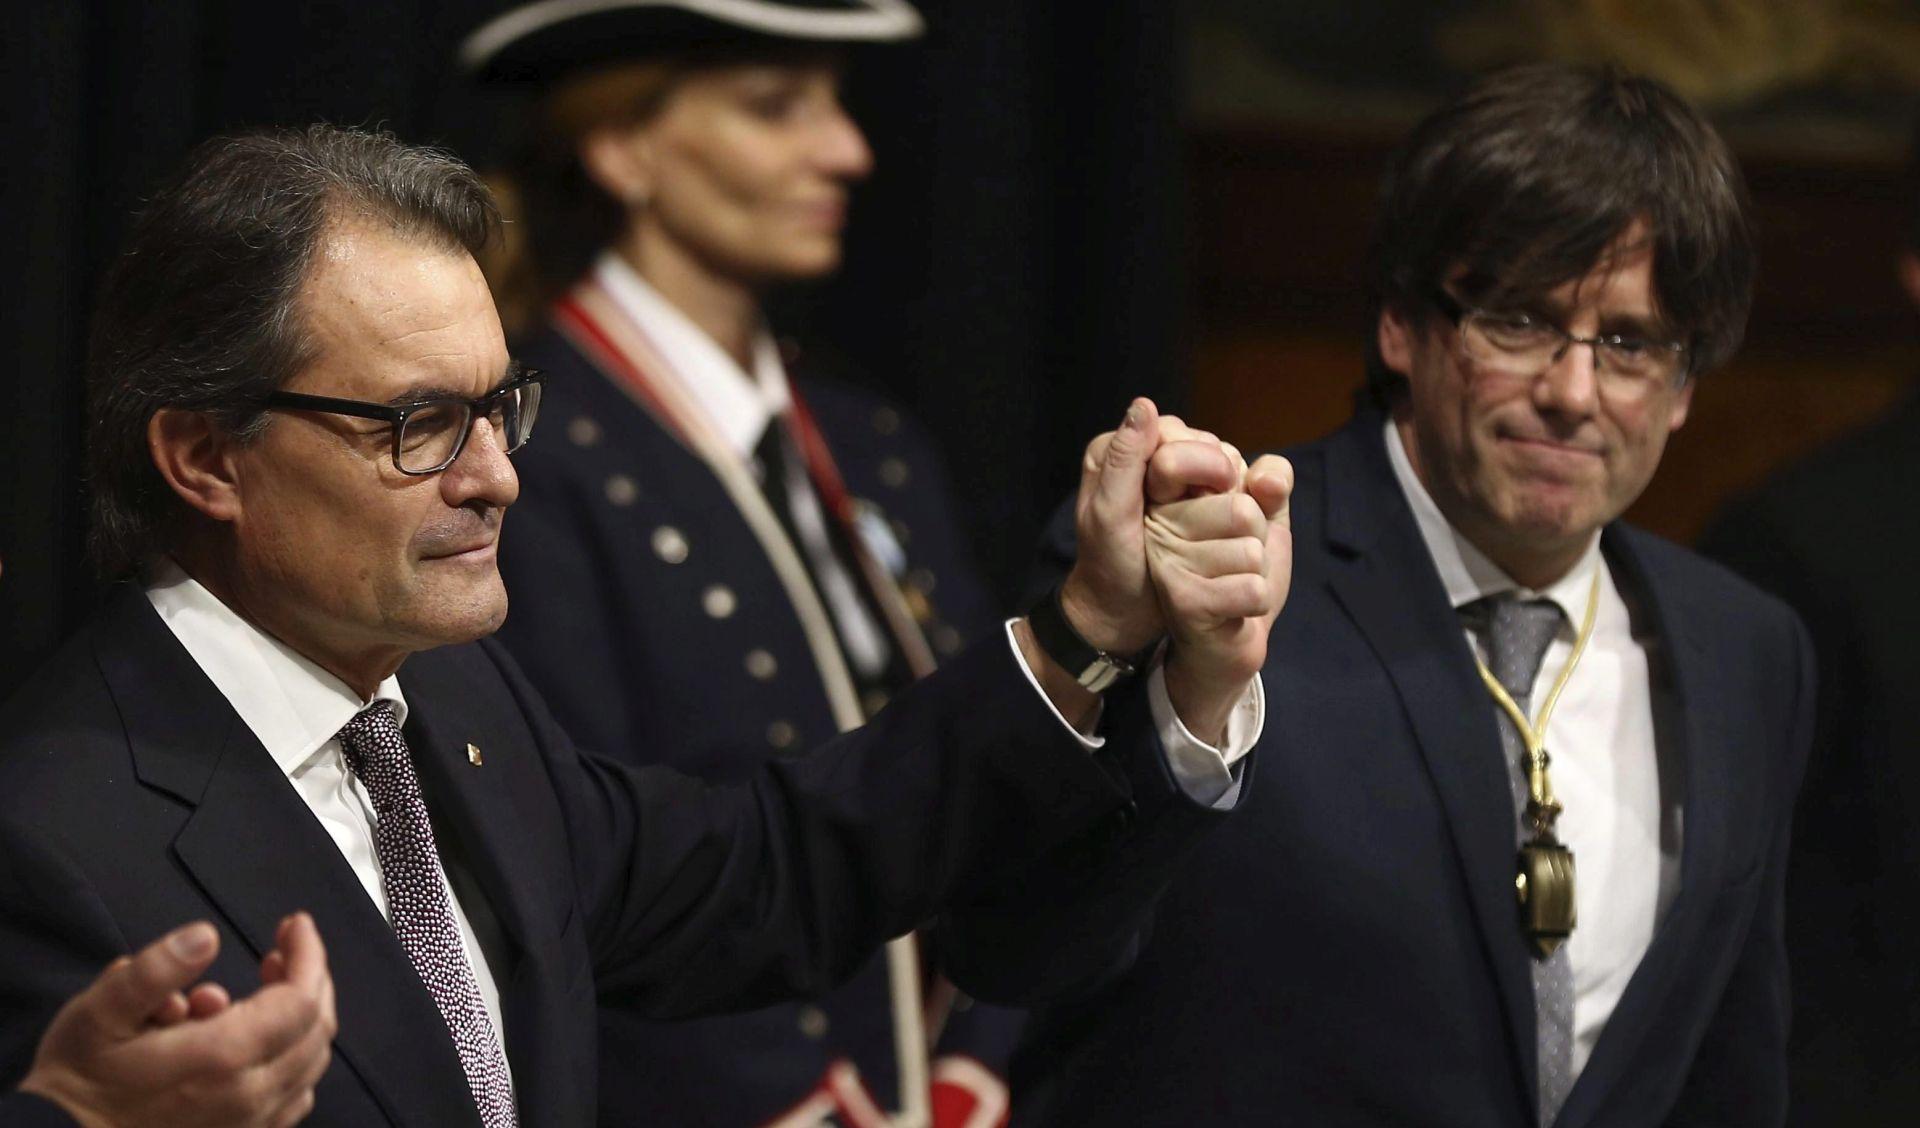 Predsjednik katalonske vlade odbio prisegnuti na odanost španjolskom kralju